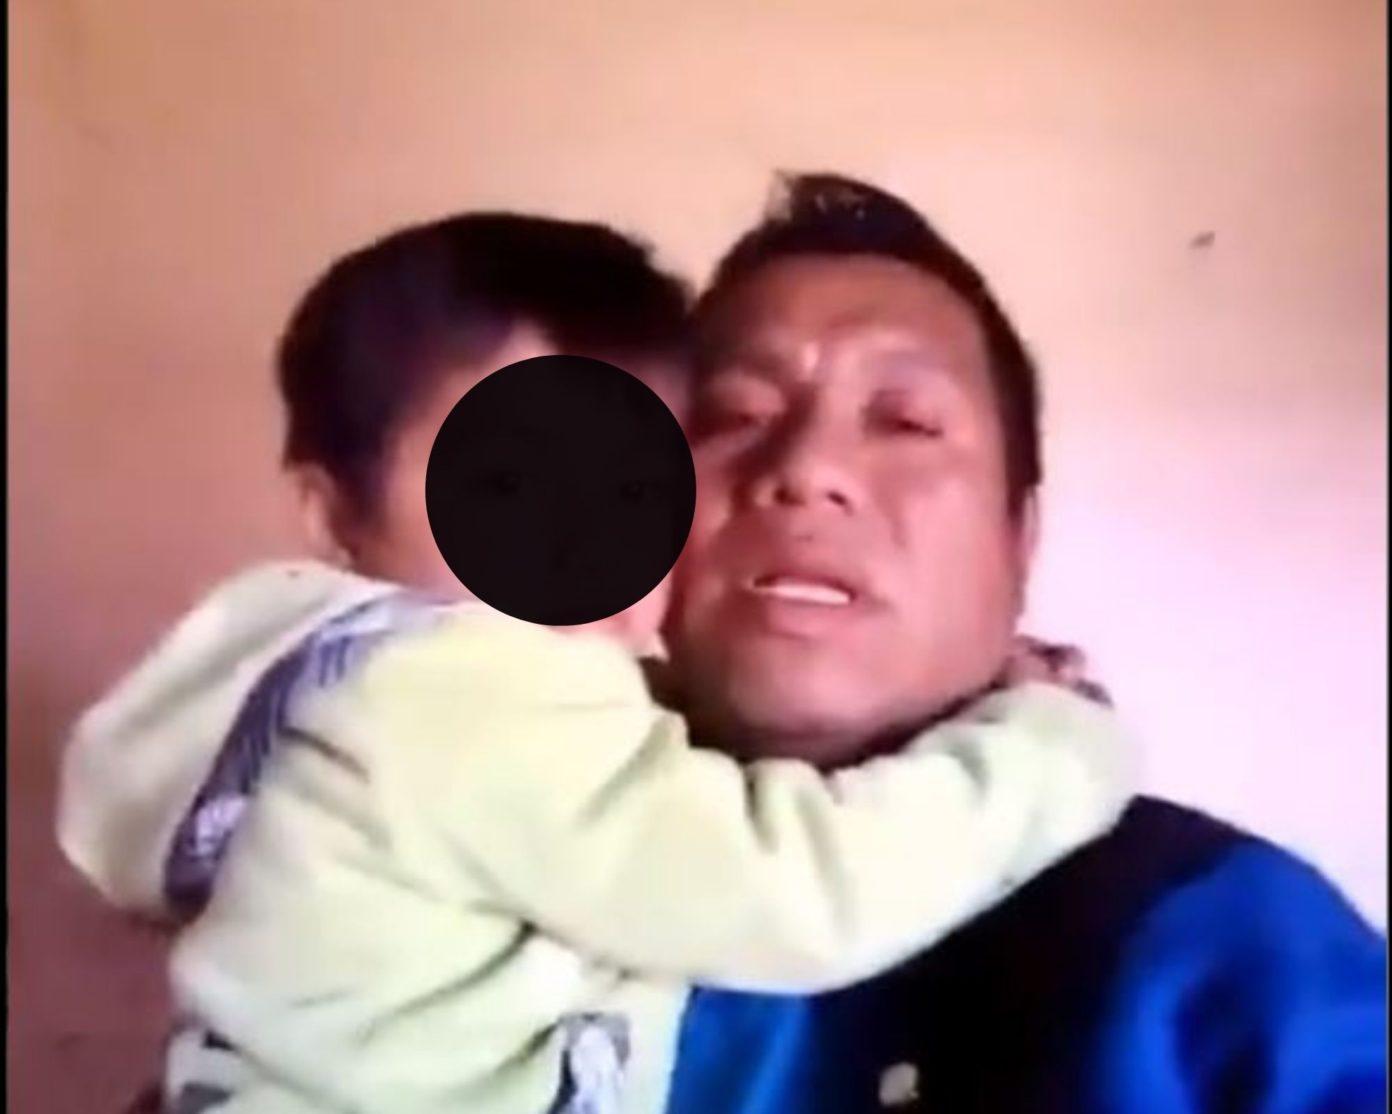 Un niño de 4 años y su padre encarcelados en México | EL FRENTE